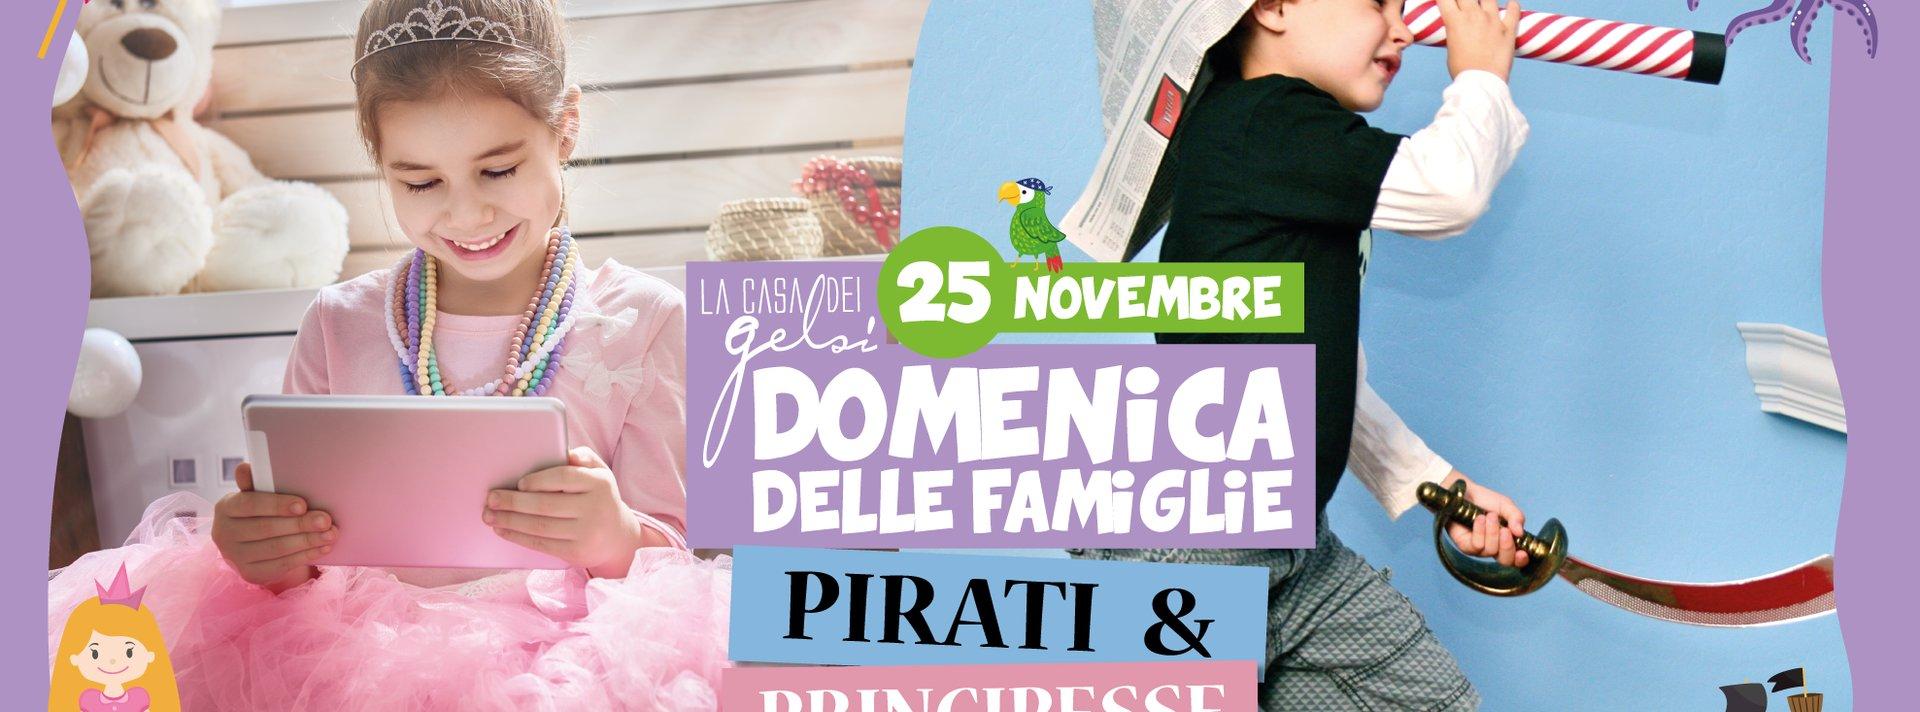 Pirati principesse domenica famiglie 25 novembre 2